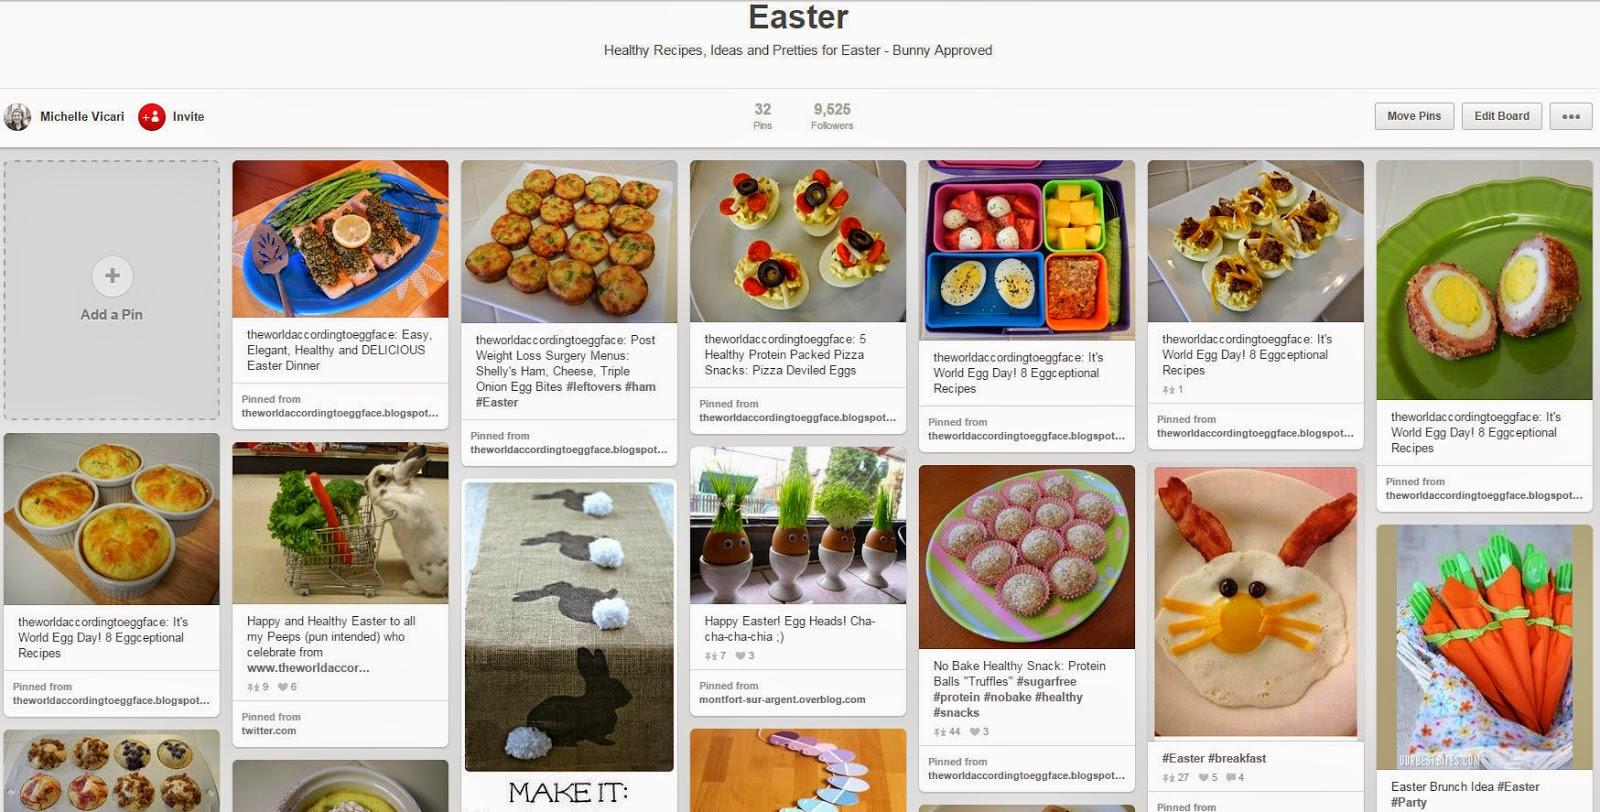 Eggface%2BEaster%2BPinterest%2BPage%2BWeight%2BLoss%2BSurgery%2BHealthy%2BIdeas Weight Loss Recipes Eggface Easter Pinterest Page